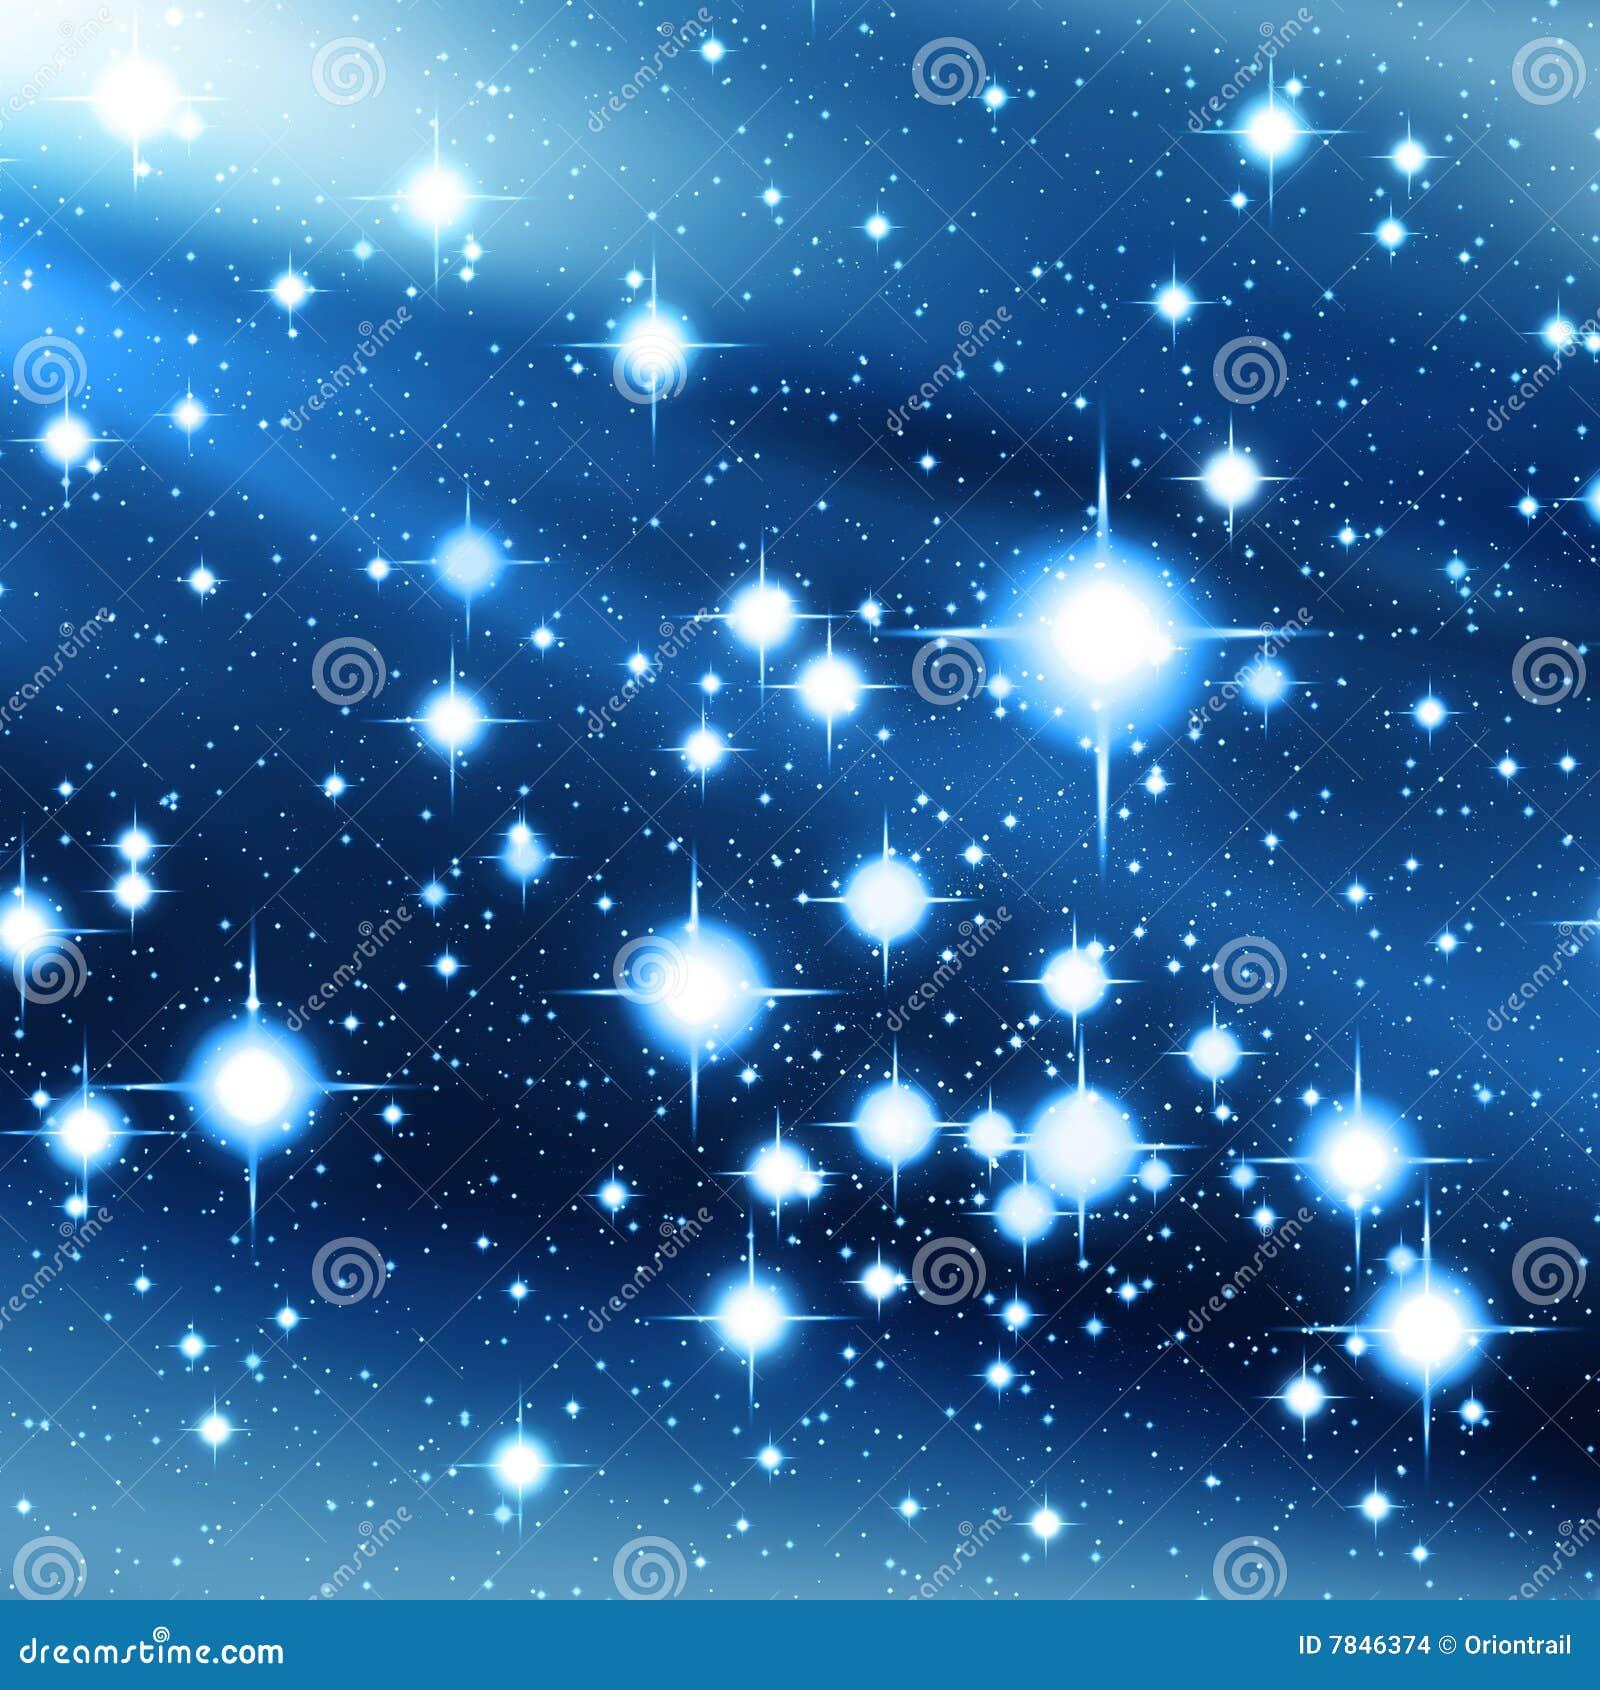 Schoudertas Met Sterren : Blauw heelal met heldere sterren stock afbeeldingen